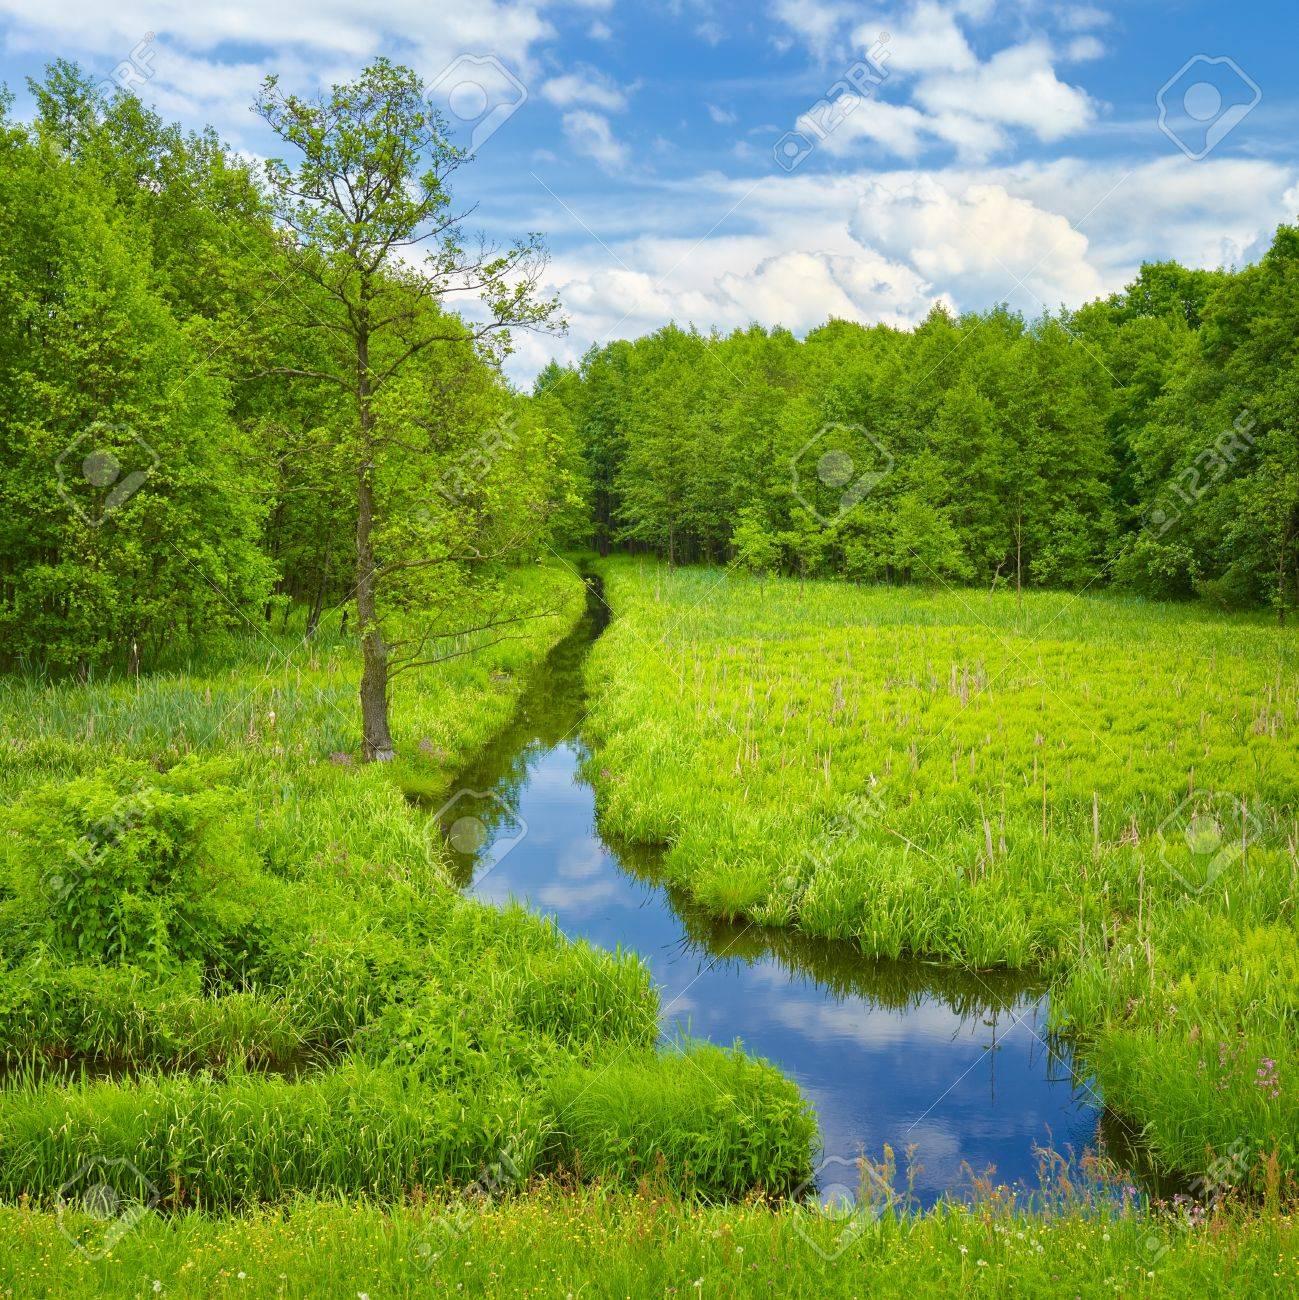 森林と草原の小川を風景します。 の写真素材・画像素材 Image 20059164.